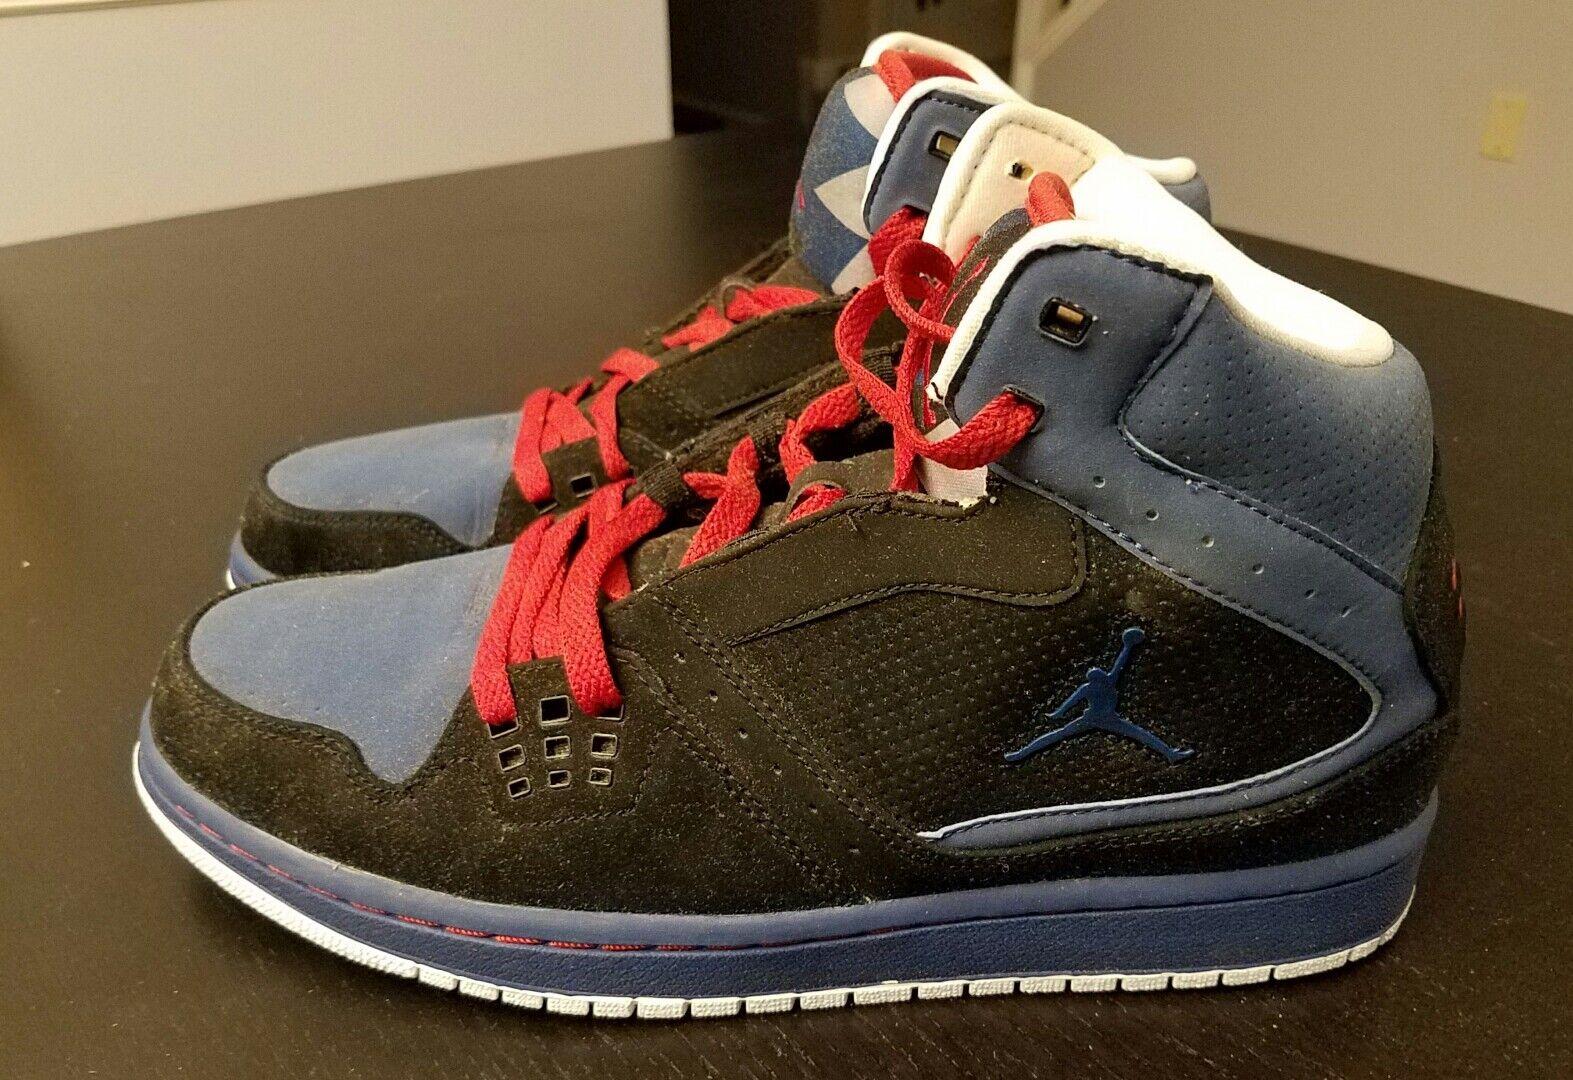 Nike jordan 1 volo uomini dimensioni nuove scorte morte 372704 063 2009 rilascio